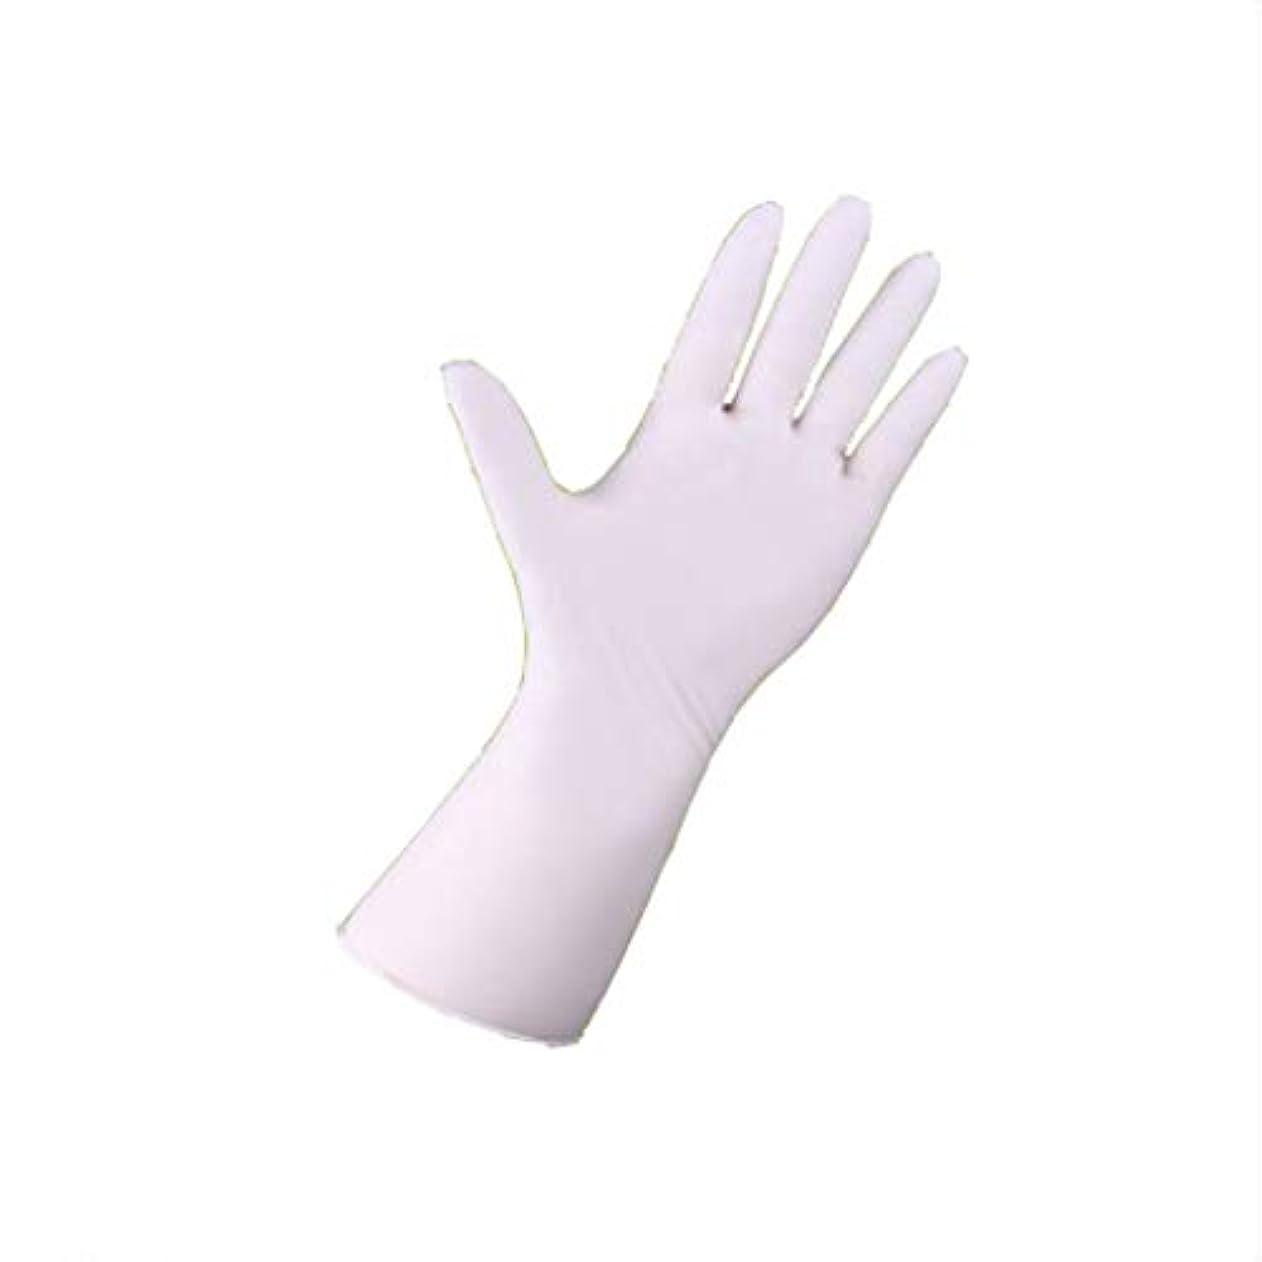 ライセンスアラブサラボ未接続手袋、使い捨て手袋、長いゴムラボ、帯電防止ペディキュア、マッサージ、ハンドマッサージ100 (サイズ さいず : S s)